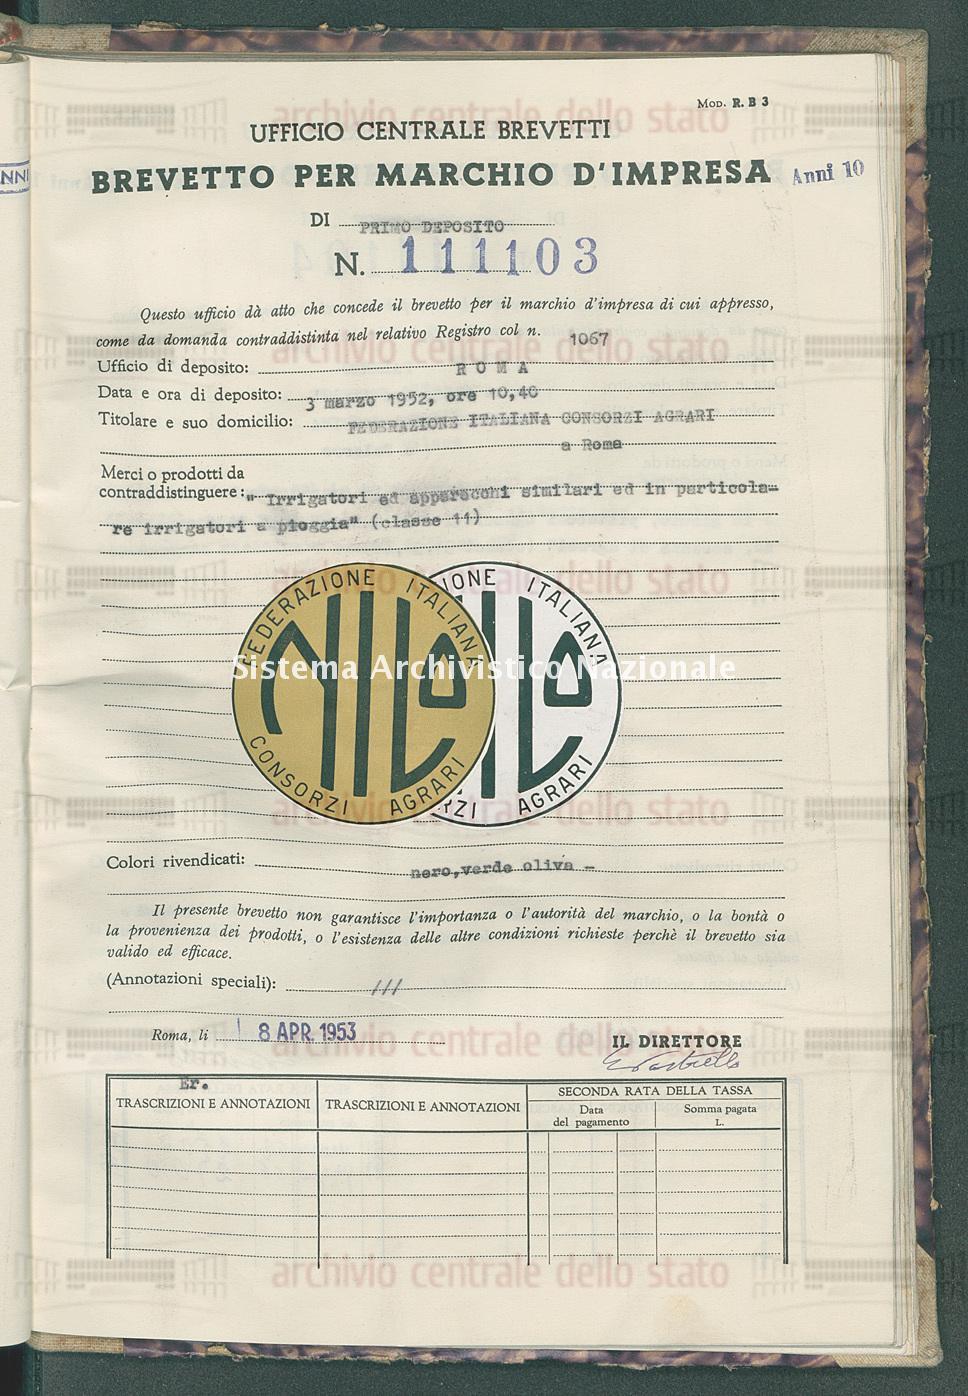 'Irrigatori ed apparecchi similari ed in particolare irrigatori a piog Federazione Italiana Consorzi Agrari (08/04/1953)